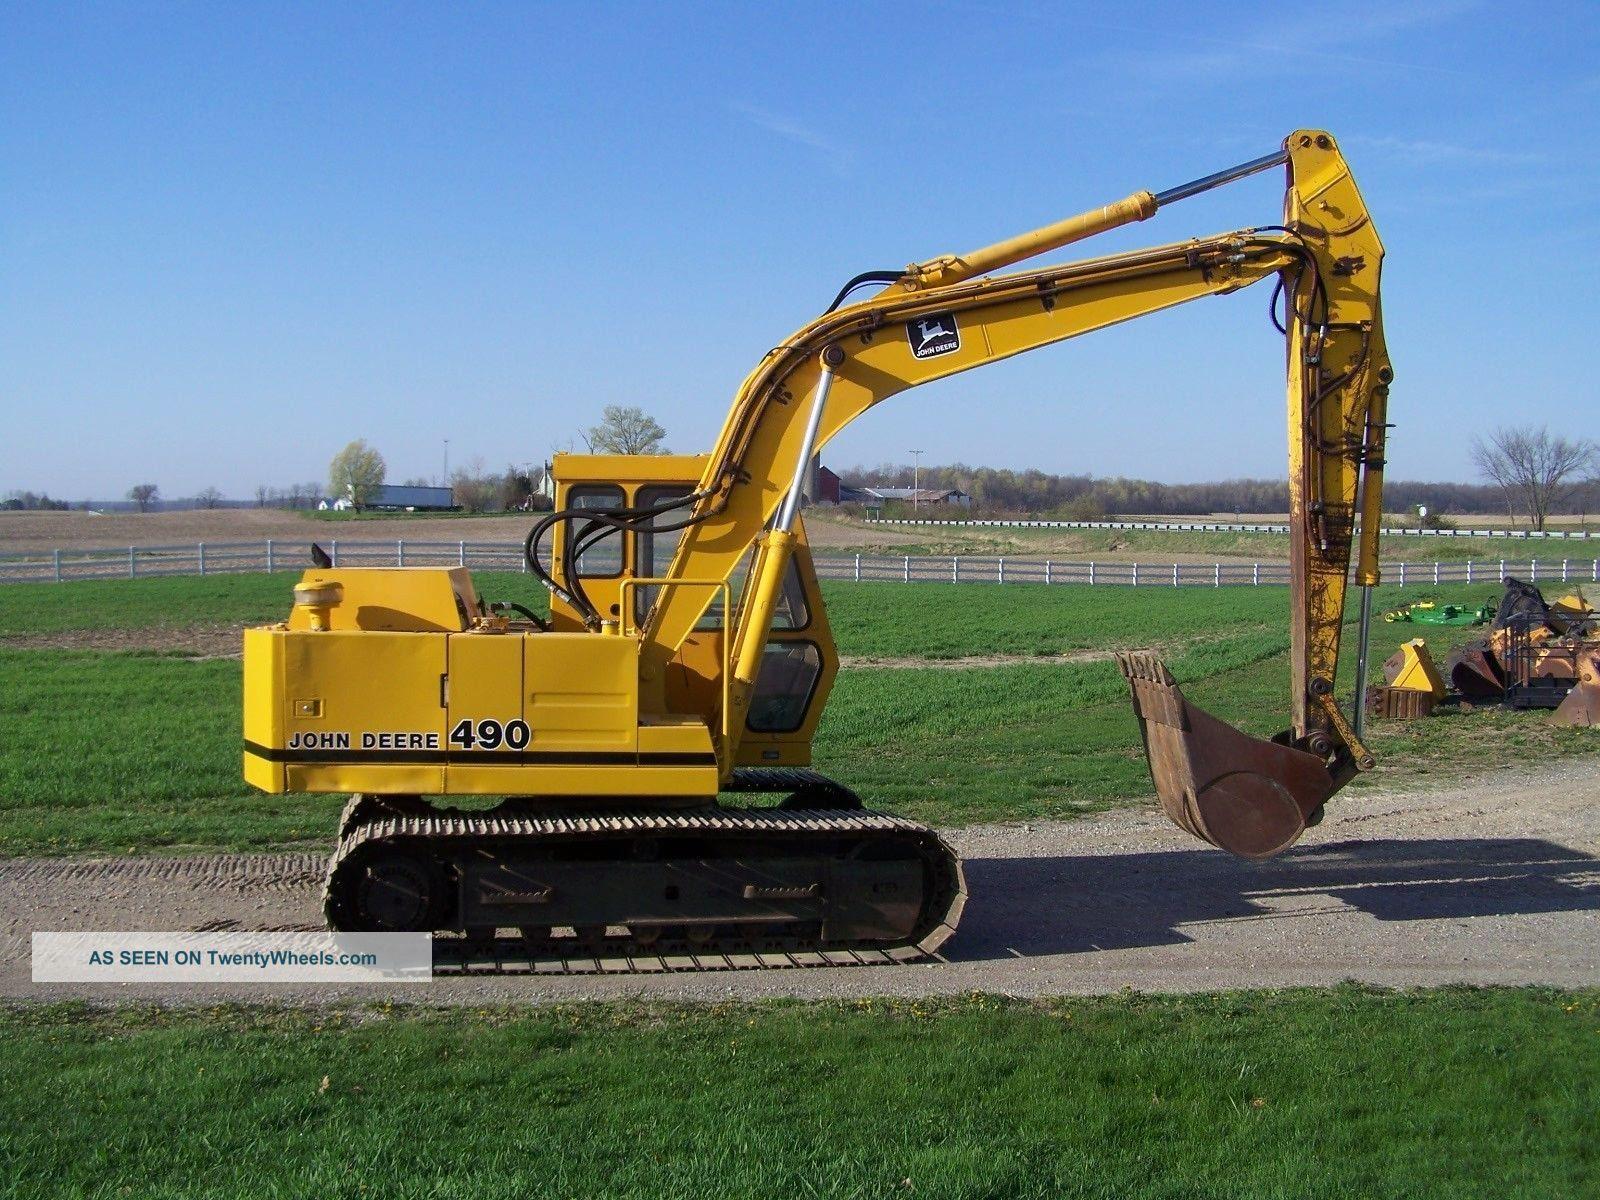 John Deere 490 Excavator Excavators photo